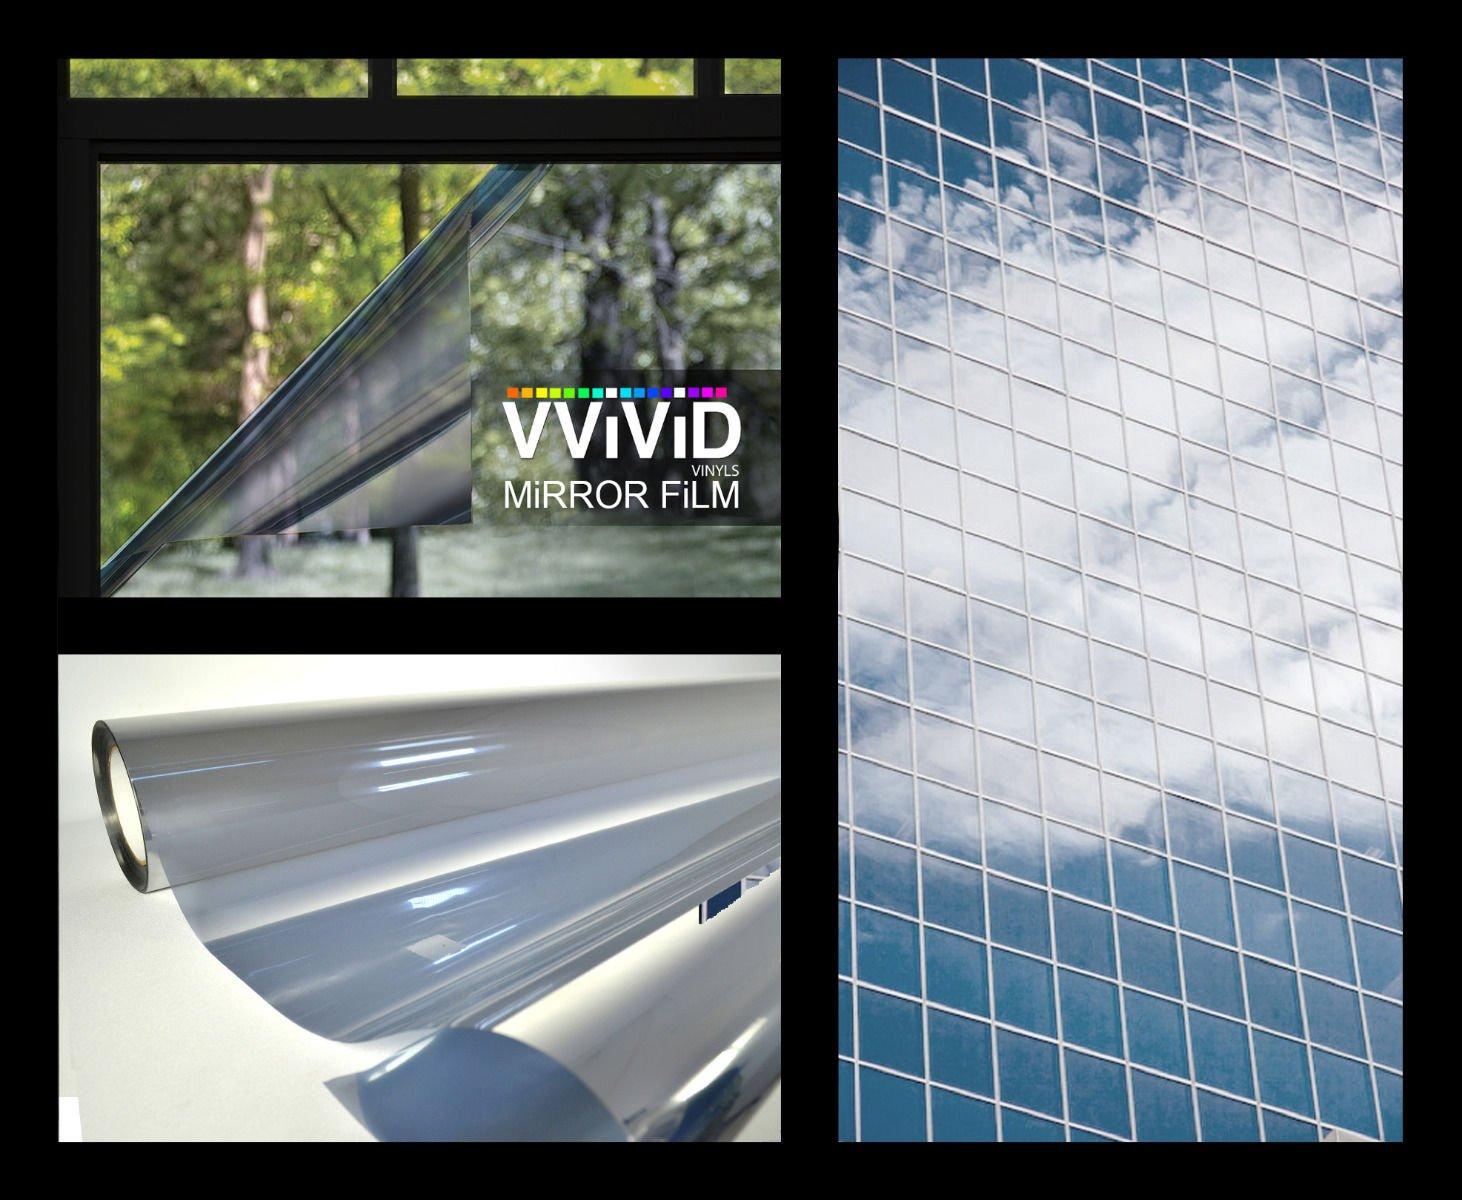 one way window window tint amazoncom vvivid one way mirror window film silver 1775 inch 60 inch automotive